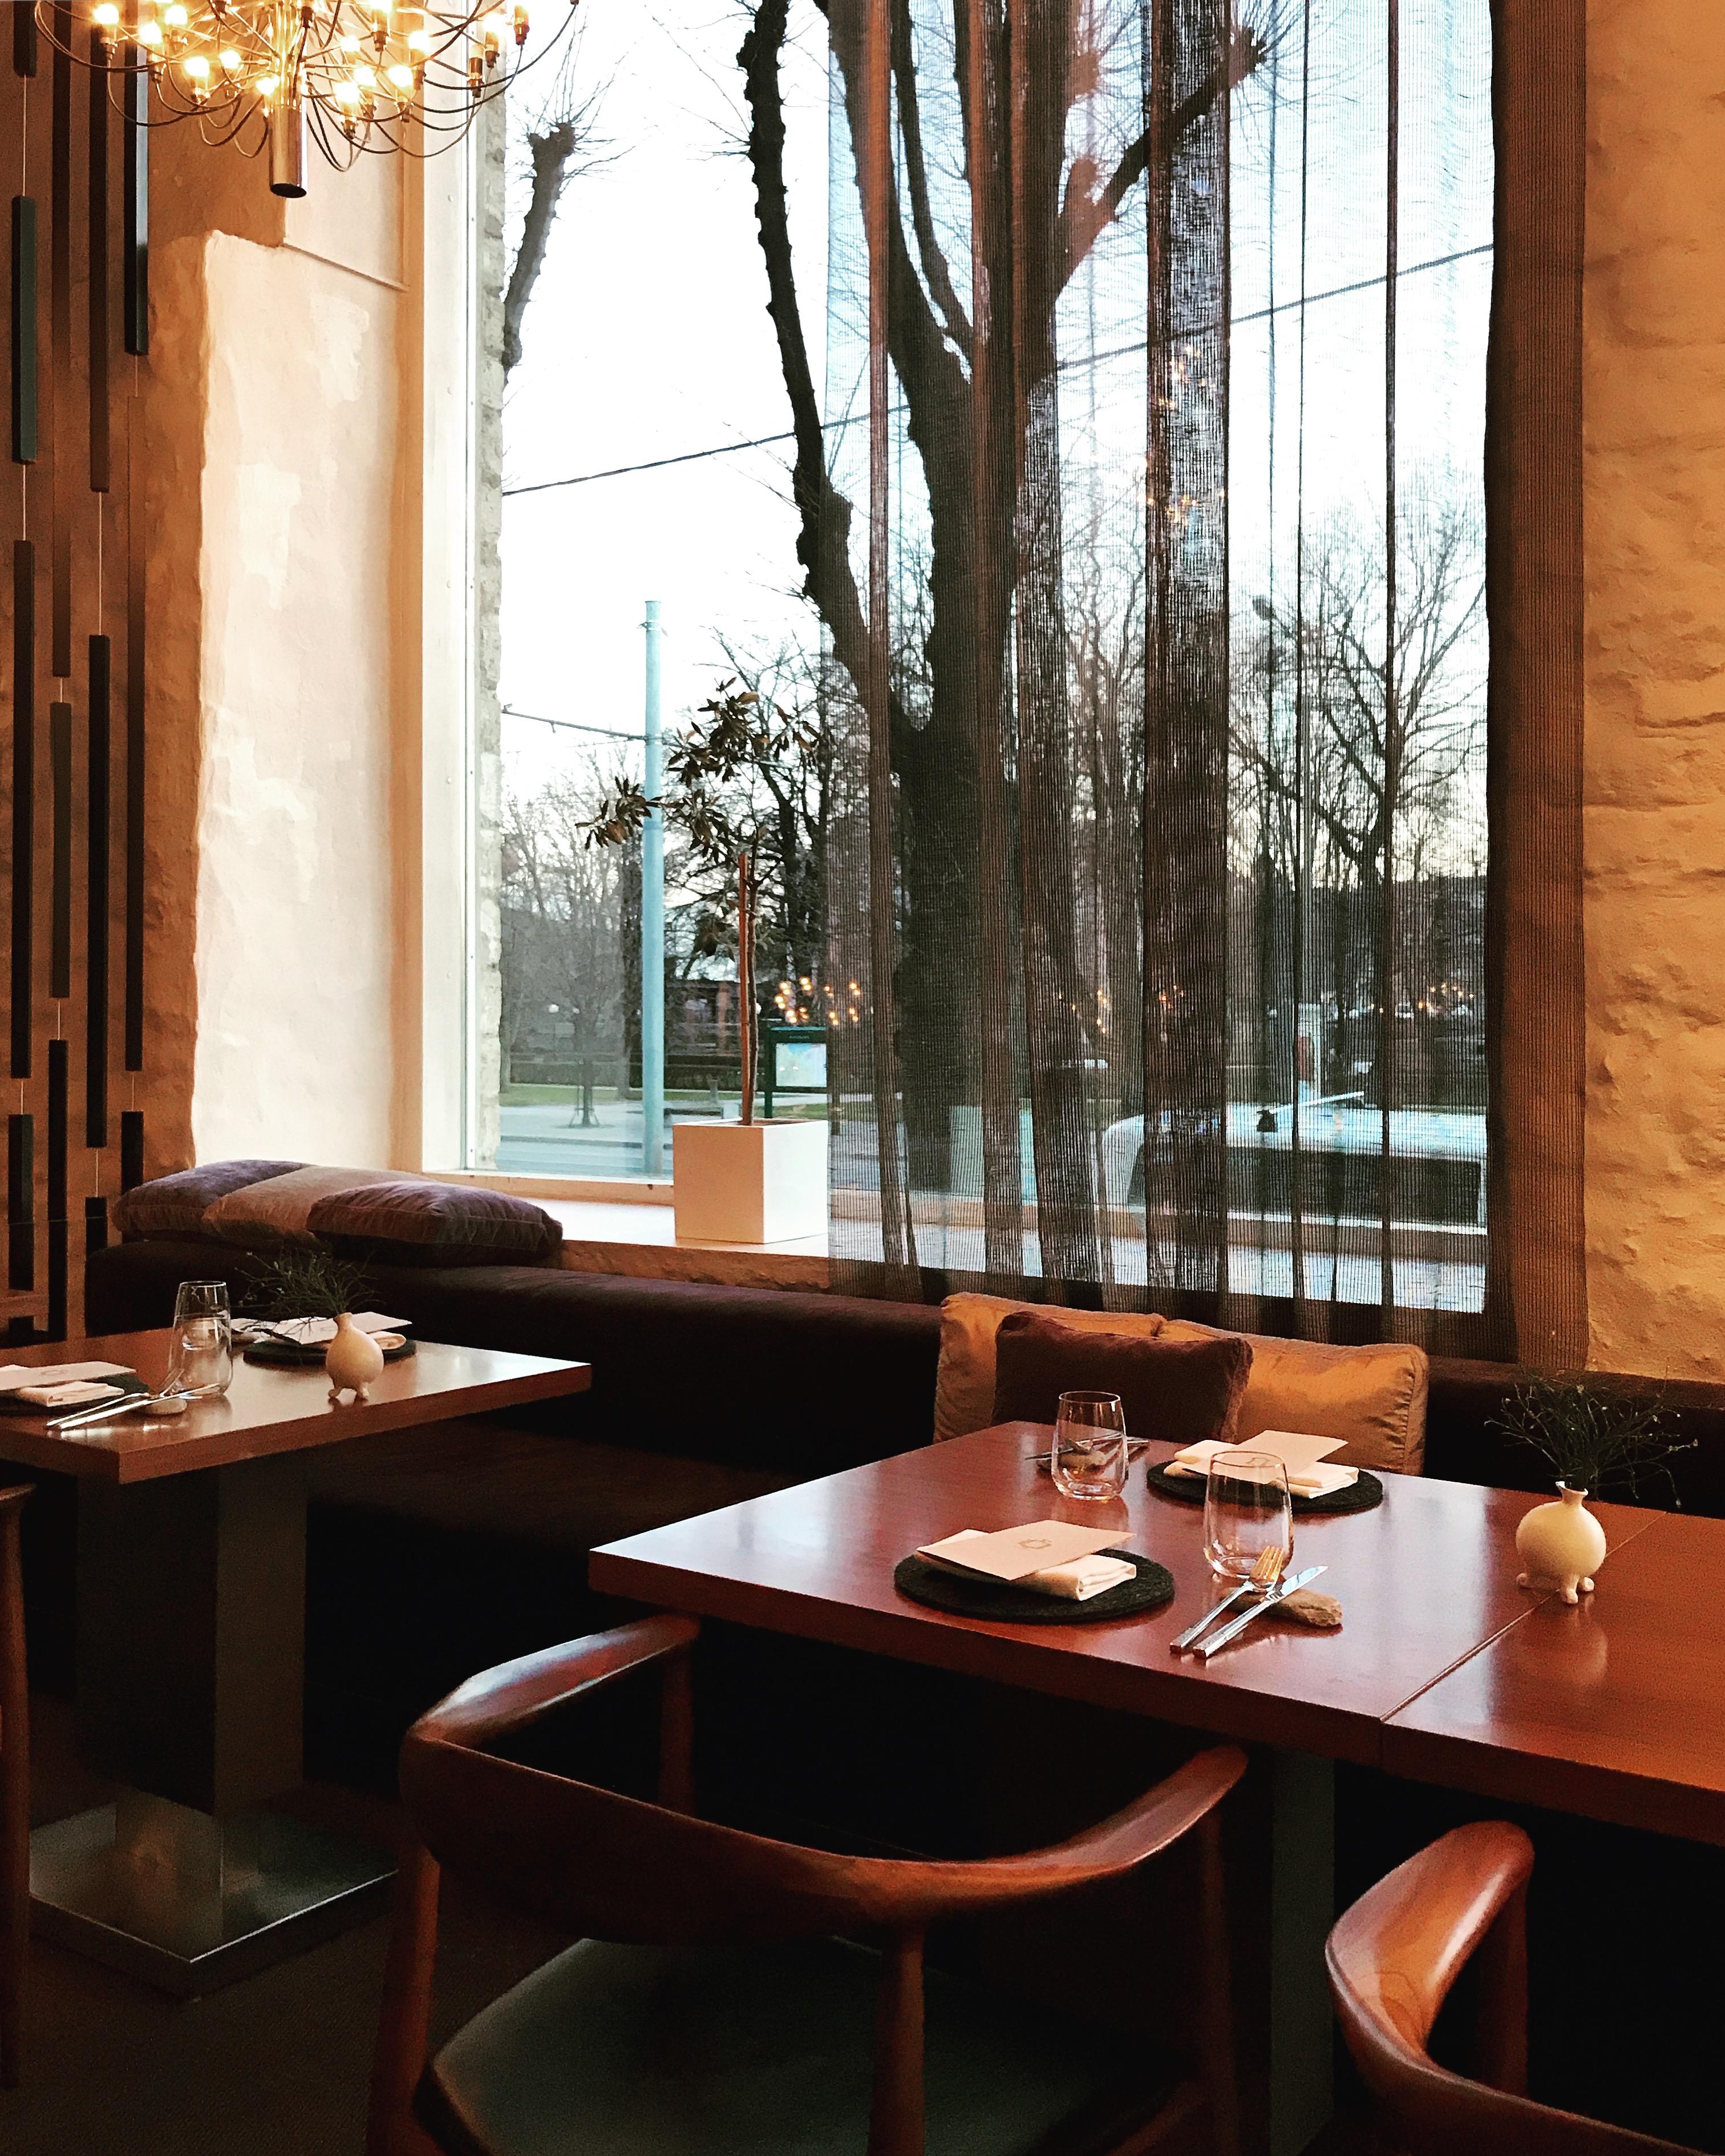 Restoran Ö